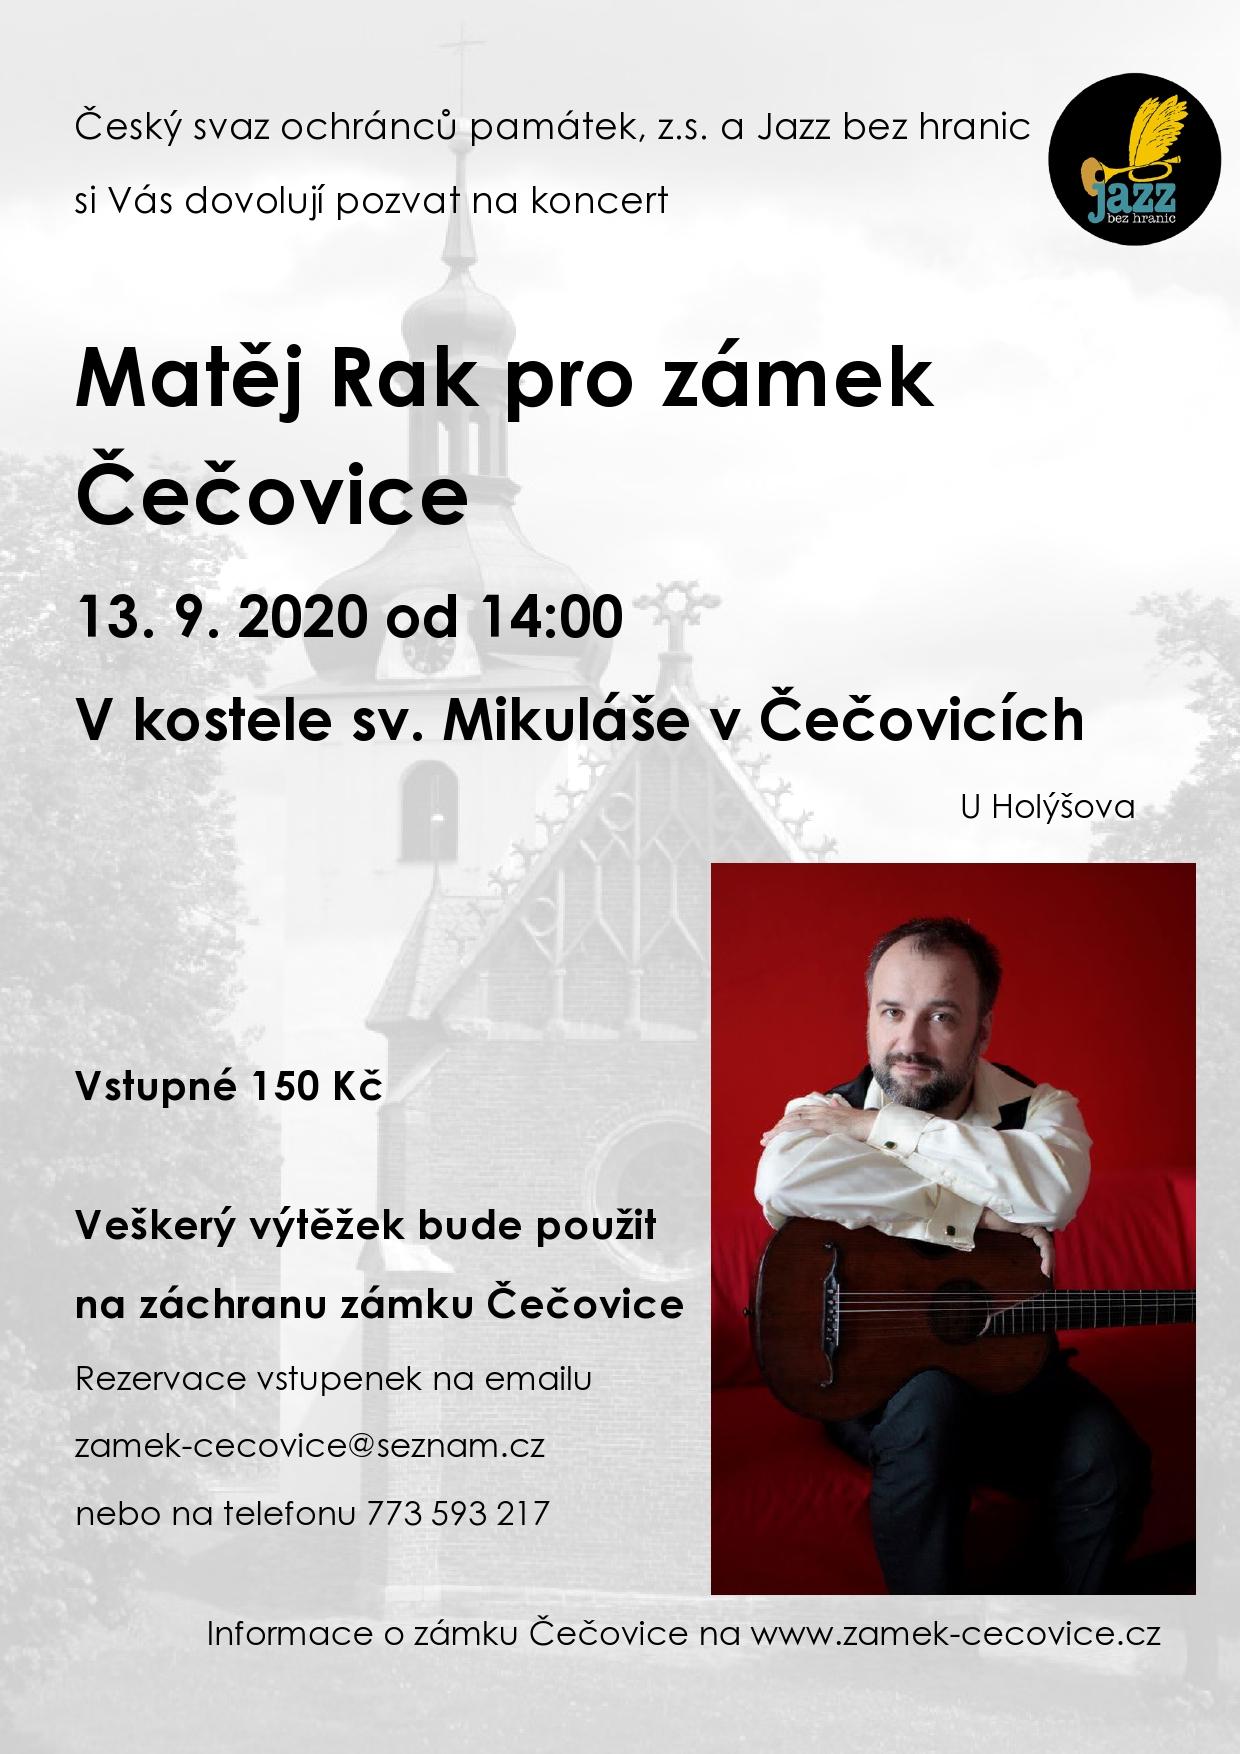 Koncert Jana Matěje Raka